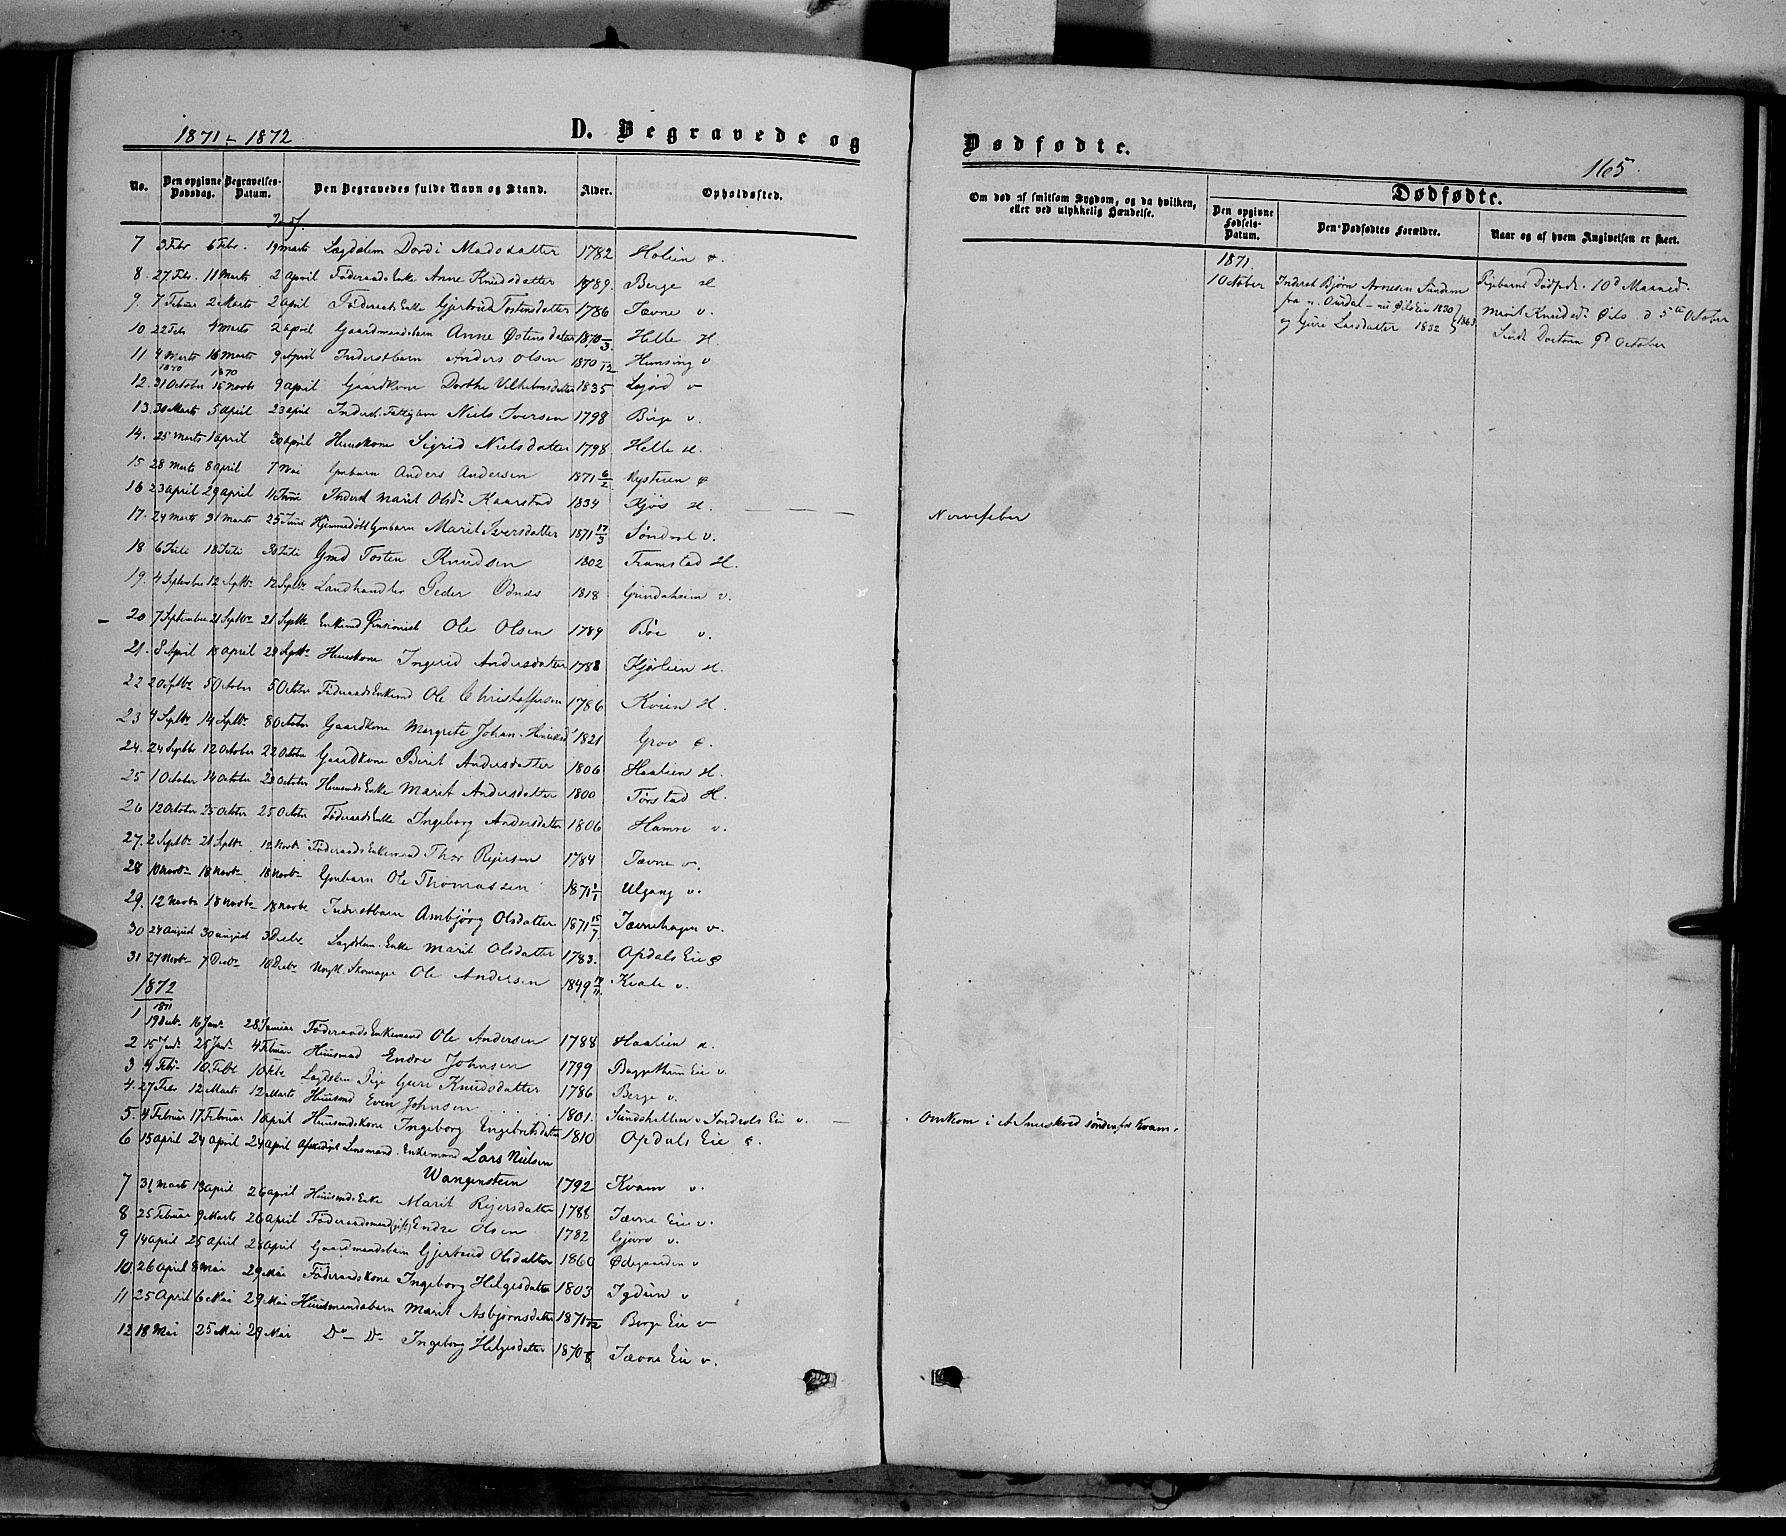 SAH, Vang prestekontor, Valdres, Ministerialbok nr. 7, 1865-1881, s. 165